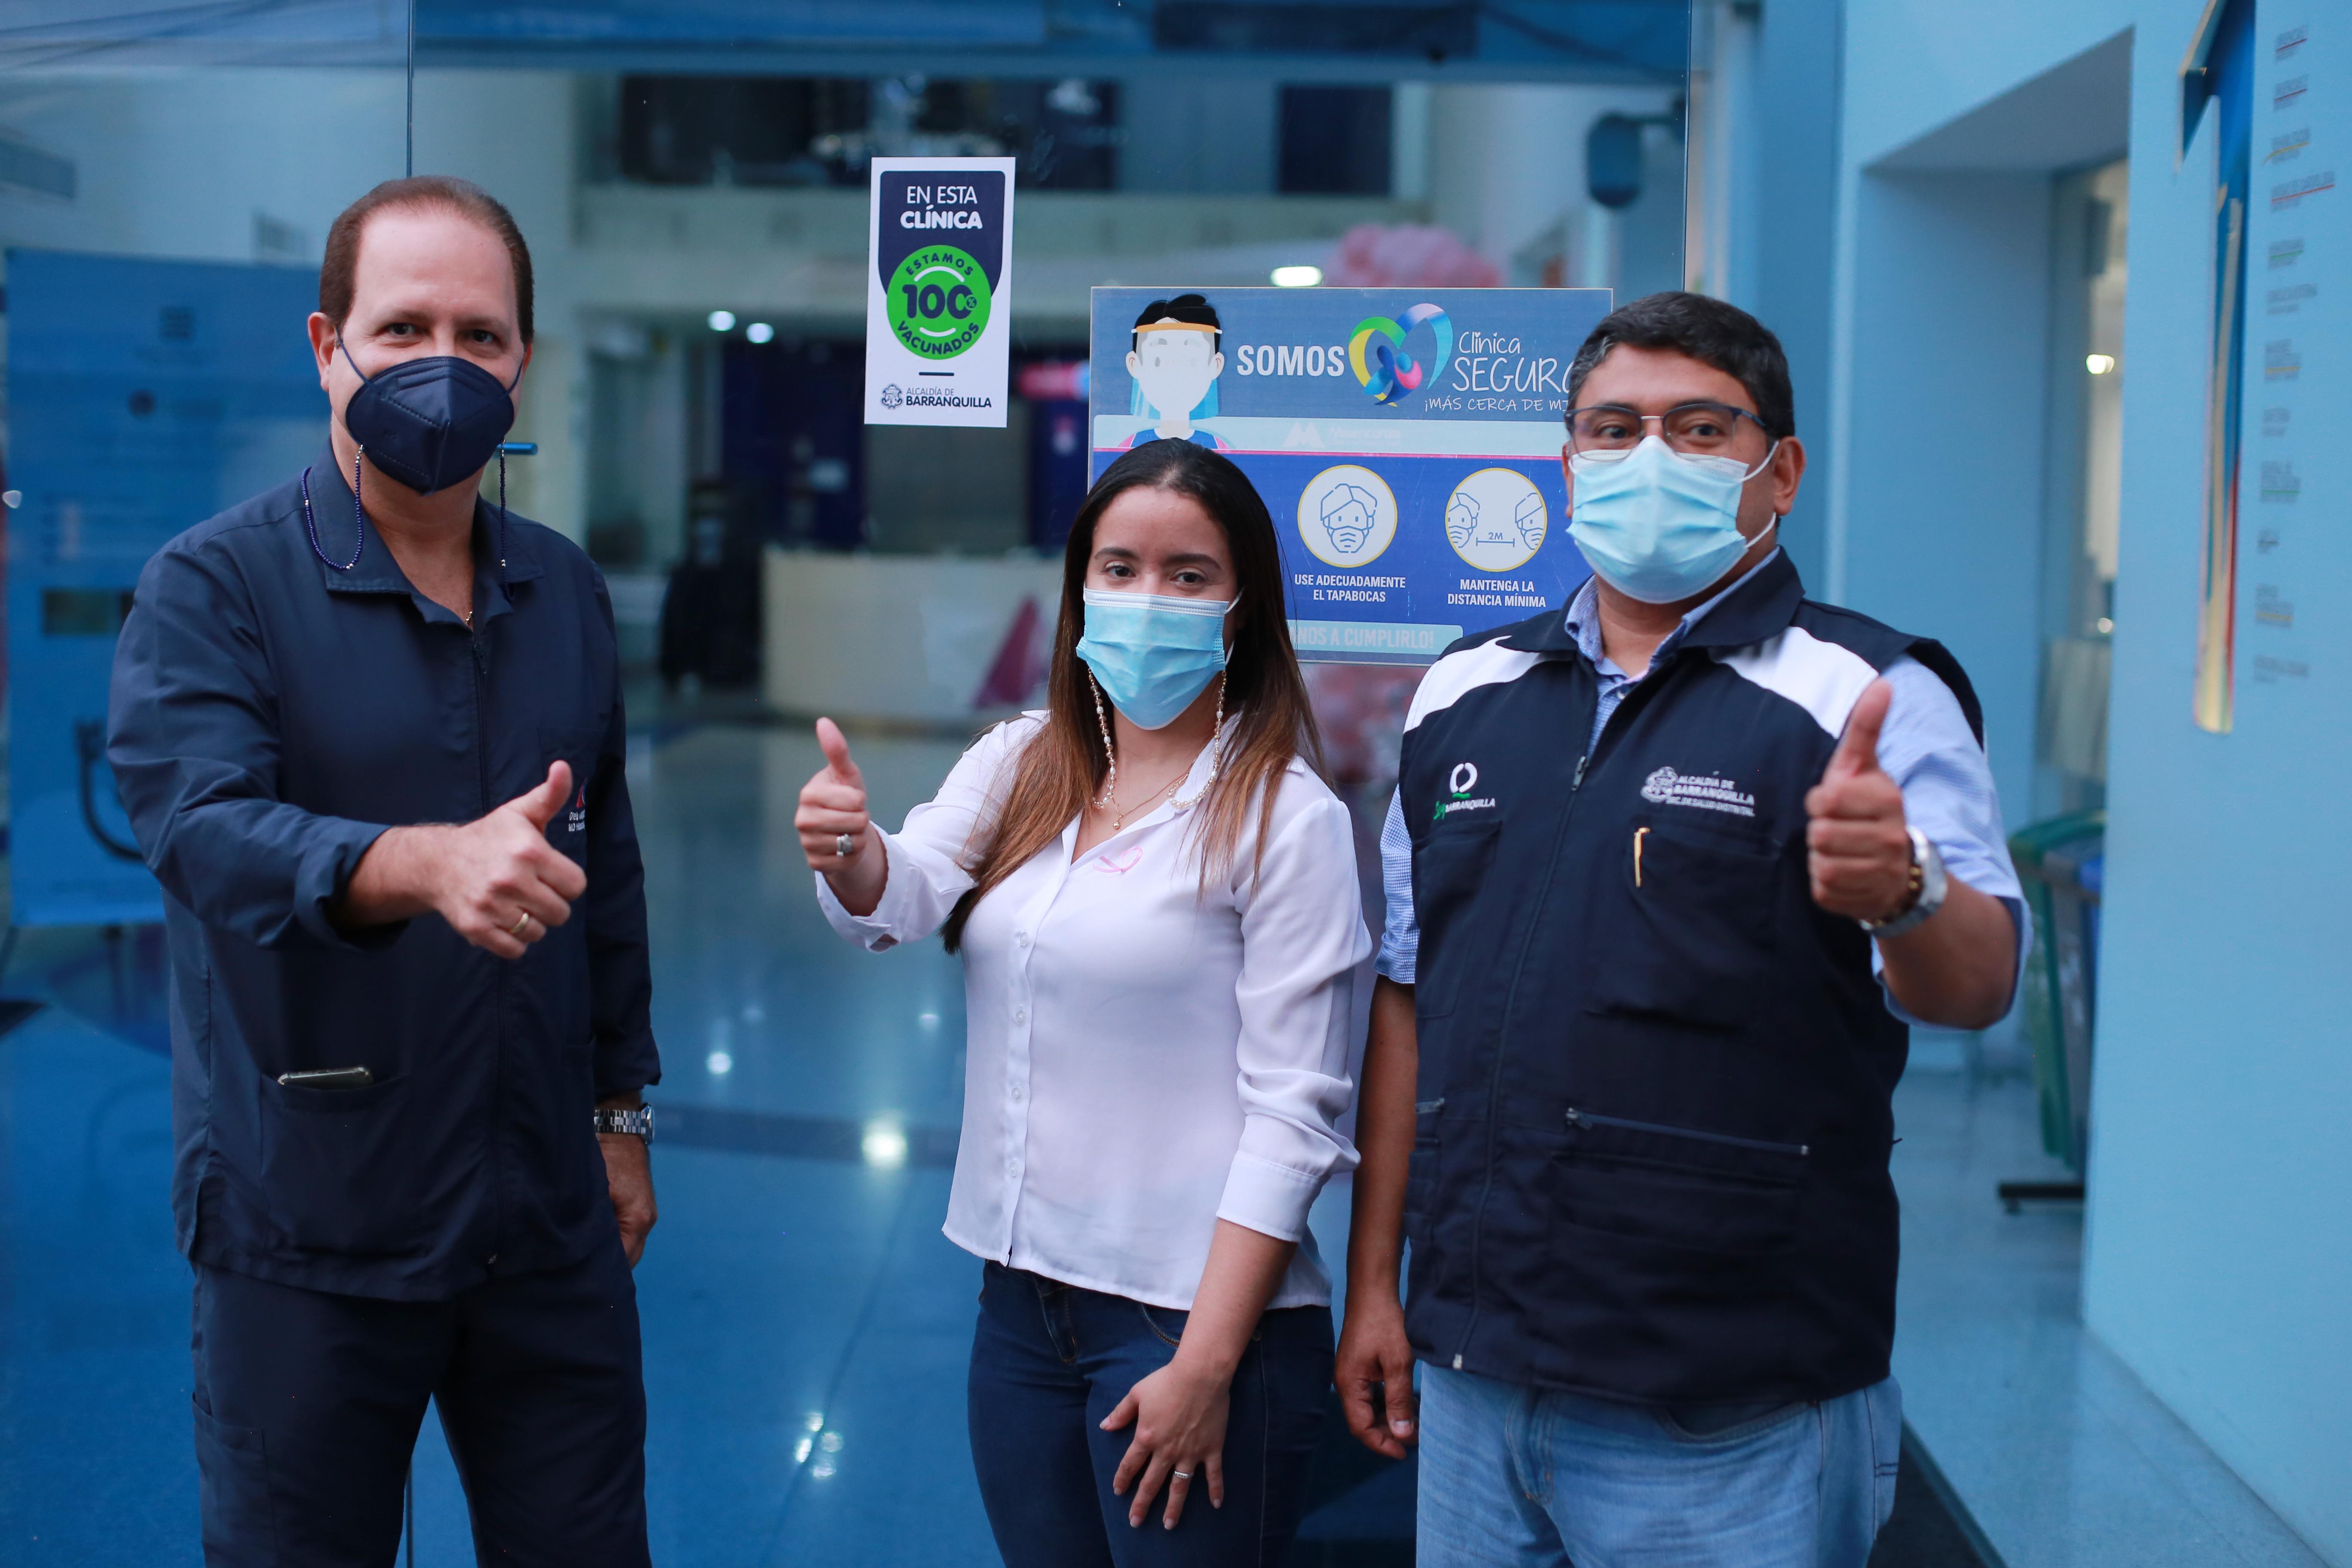 Siete clínicas de alta complejidad de Barranquilla ya tienen el 'Sello 100% Vacunado' – @alcaldiabquilla